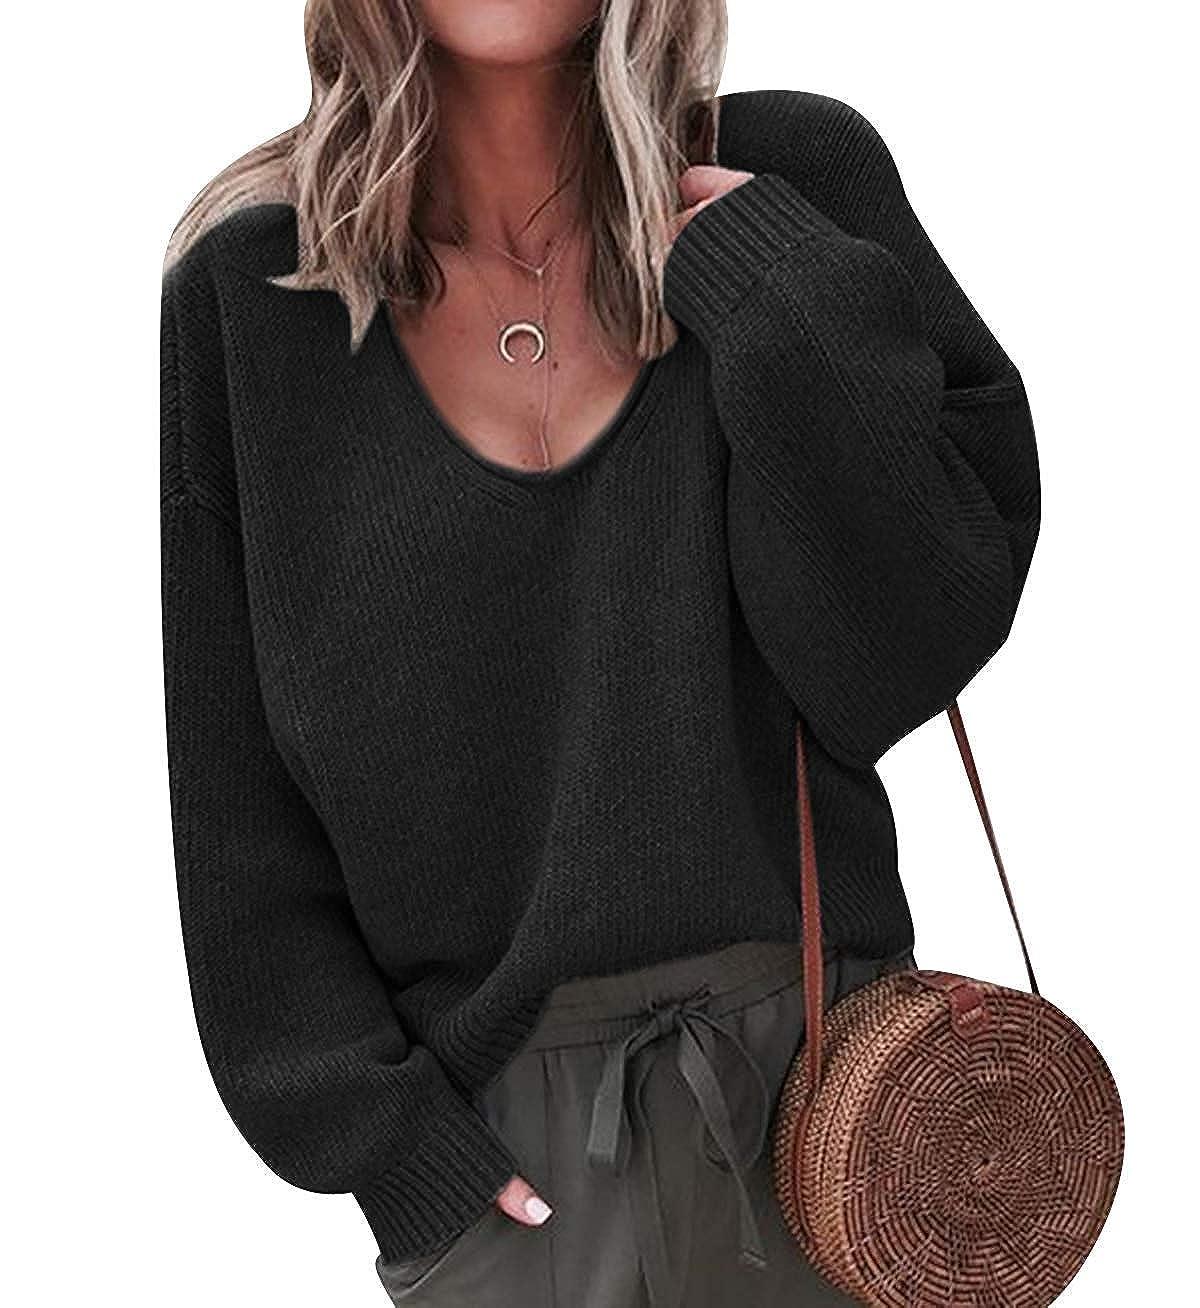 JUNMAONO Mujer Su/éter Texturizado con Trenzas Jers/éis Mujer Tejer Pullover Women Sweater Cuello Redondo Jersey de Punto de Escote V Oto/ño Tops Camisa Sobredimensionado Murcielago asim/étrica Camisa